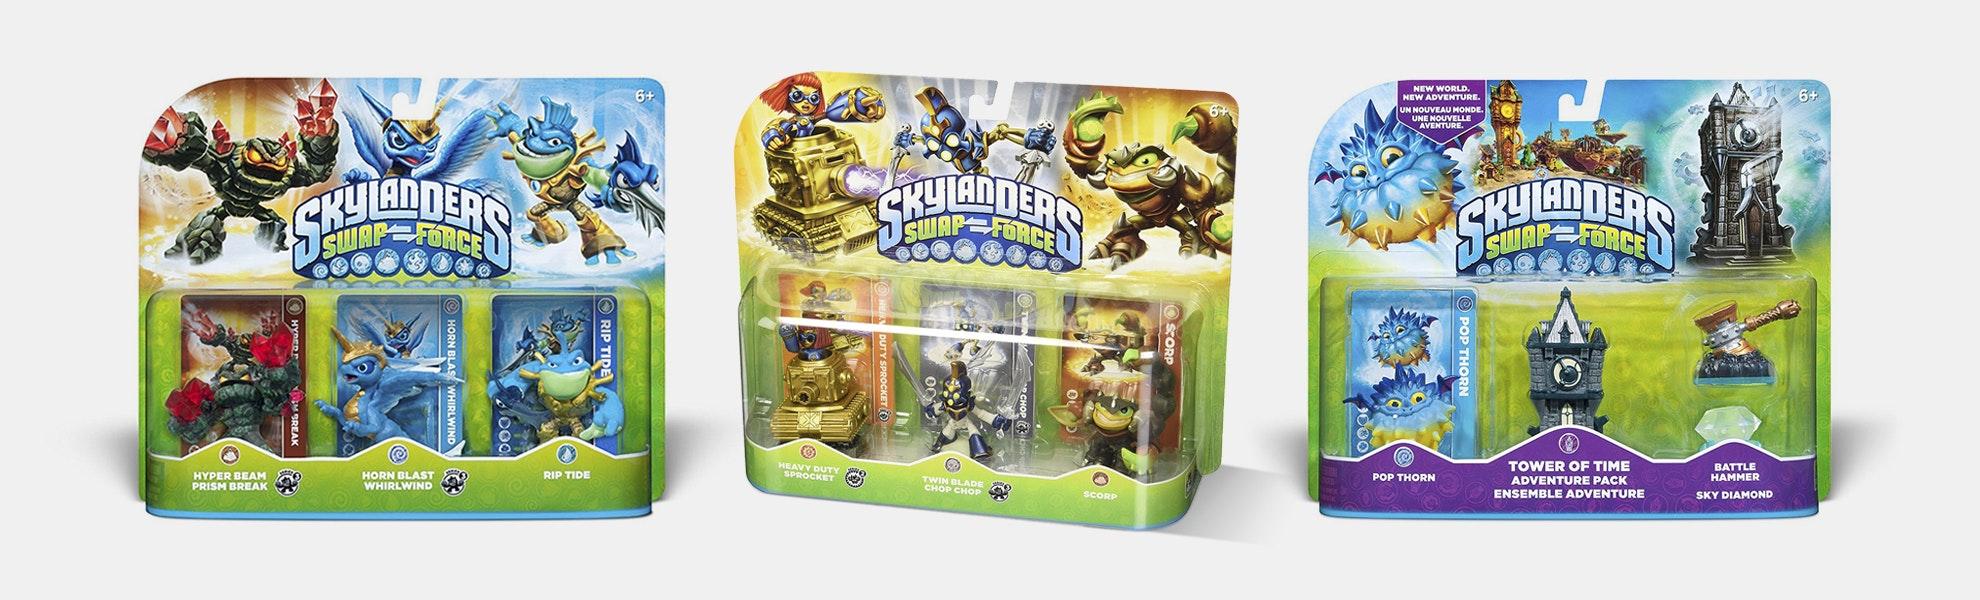 Skylanders SWAP Force 3-Pack Bundle